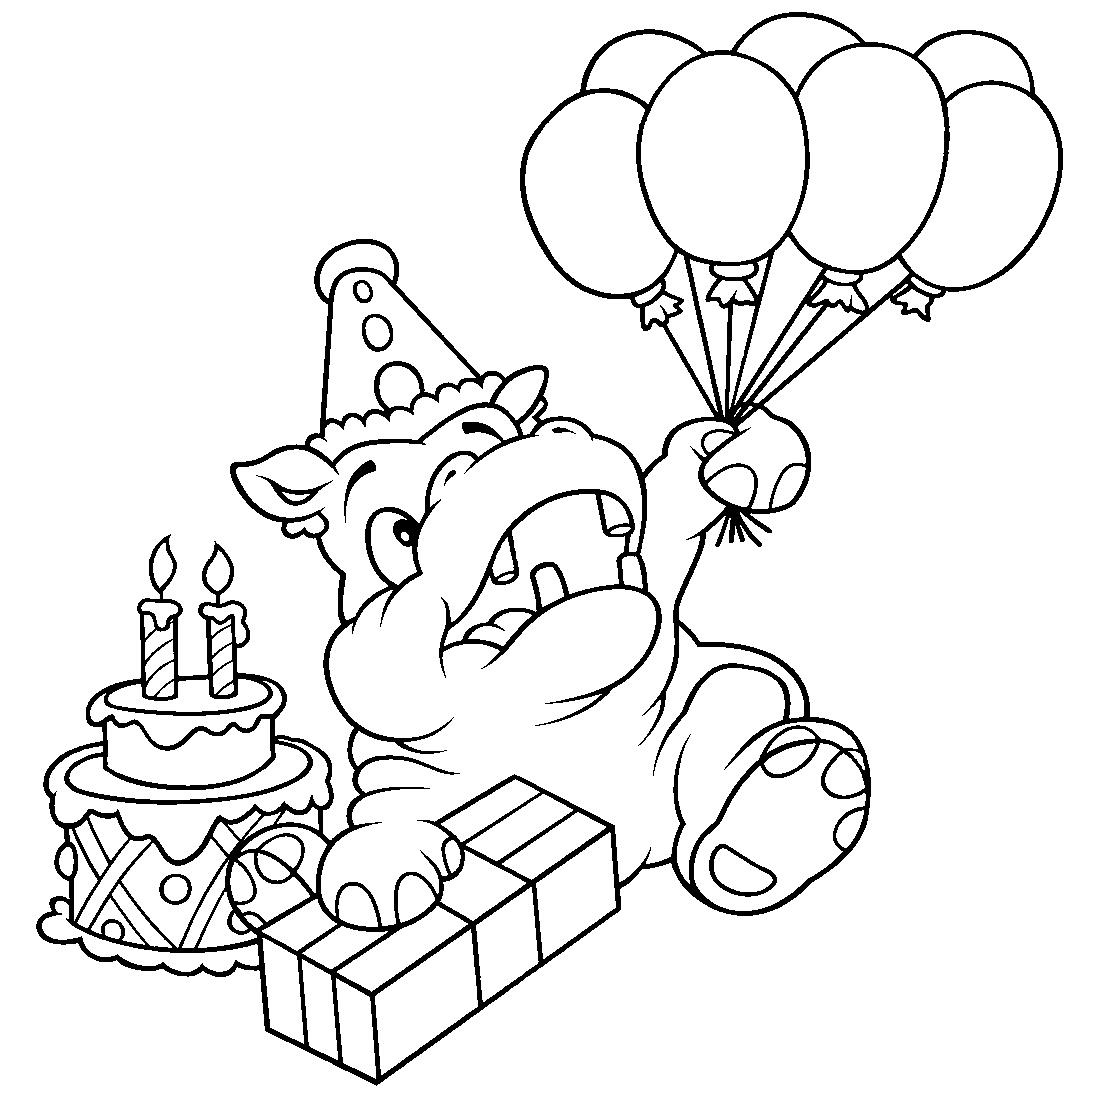 повышенную смешные картинки на день рождения карандашом выбрав конструкции, получите